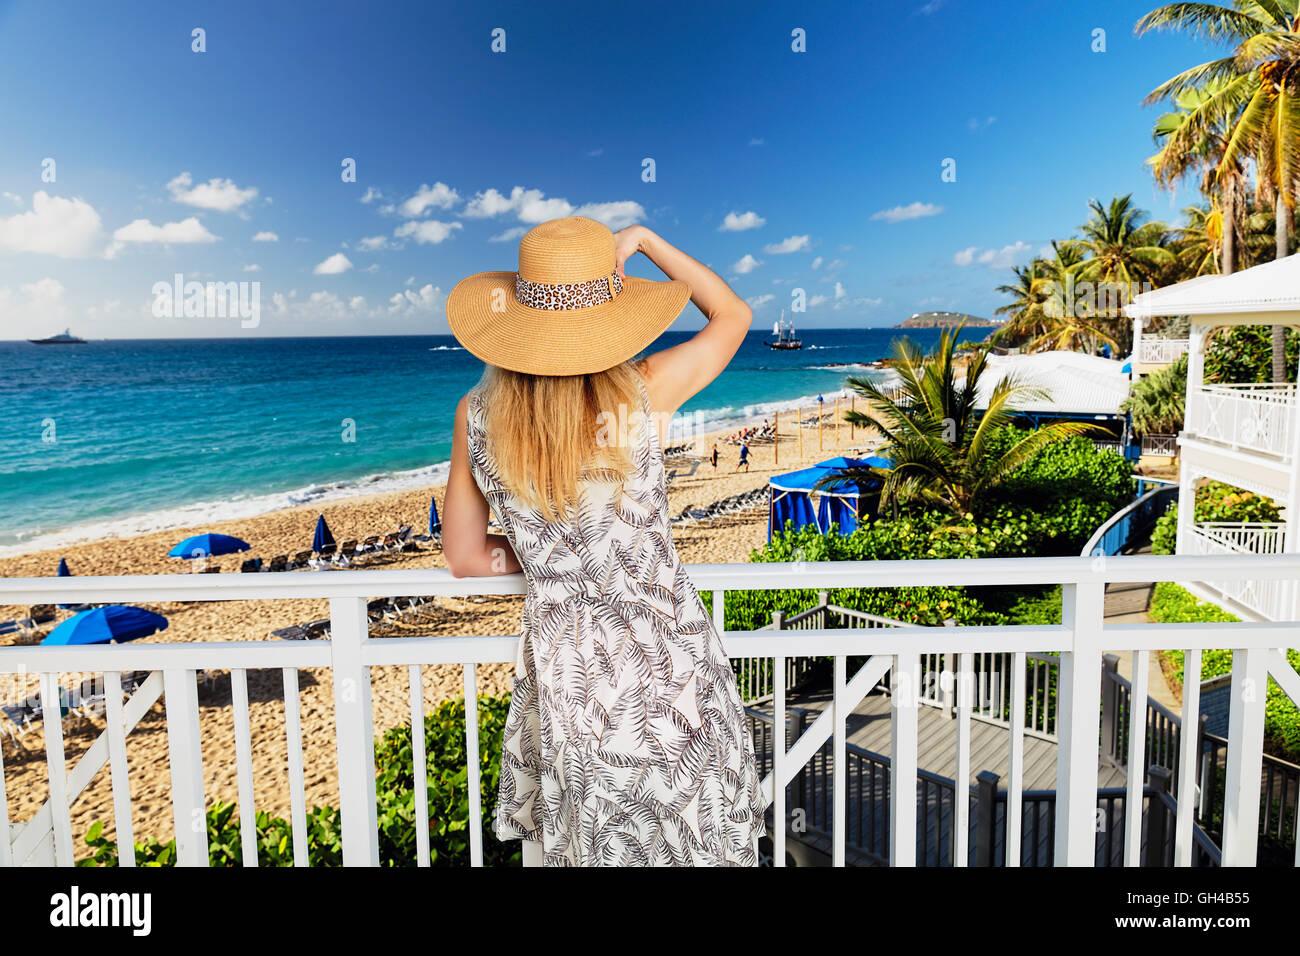 Vista posterior de una mujer en un vestido y sombrero mirando a un resort de playa desde un balcón Imagen De Stock